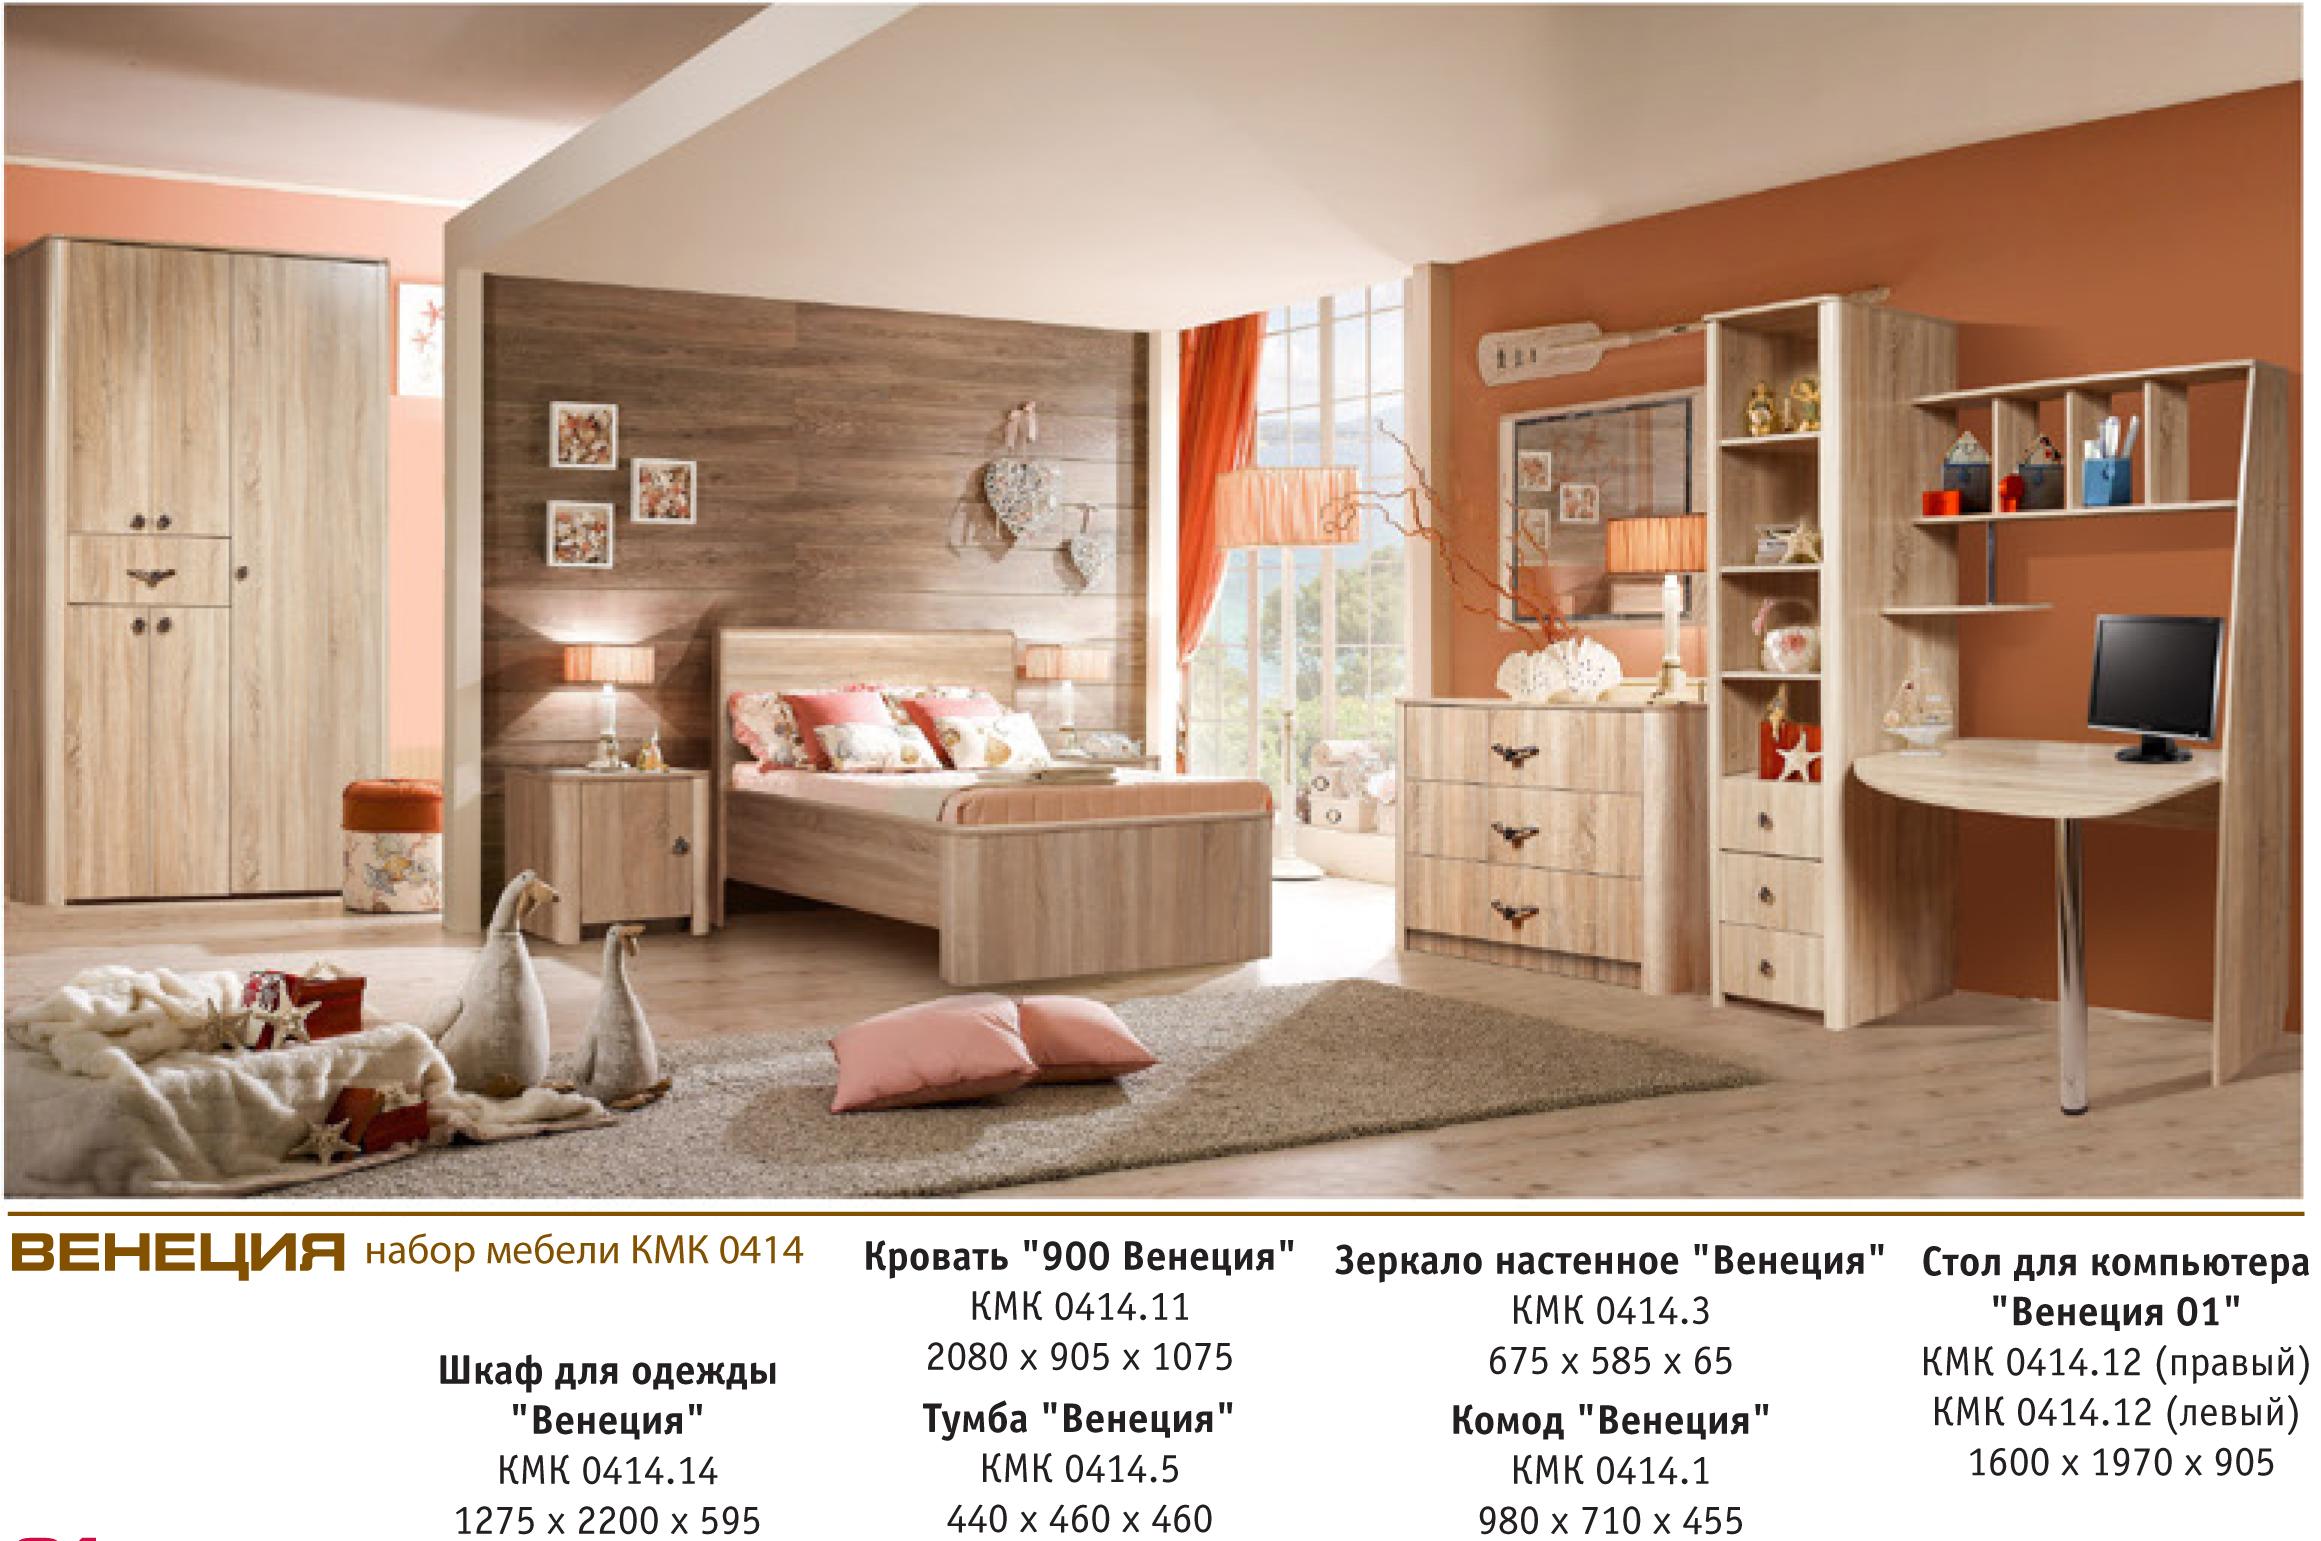 Сбор заказов. Мебель от эконом до премиум класса. Для гостиной, спальни, столовой, детской, прихожей, кухни. Матрасы с различными современными наполнителями. От производителя -11